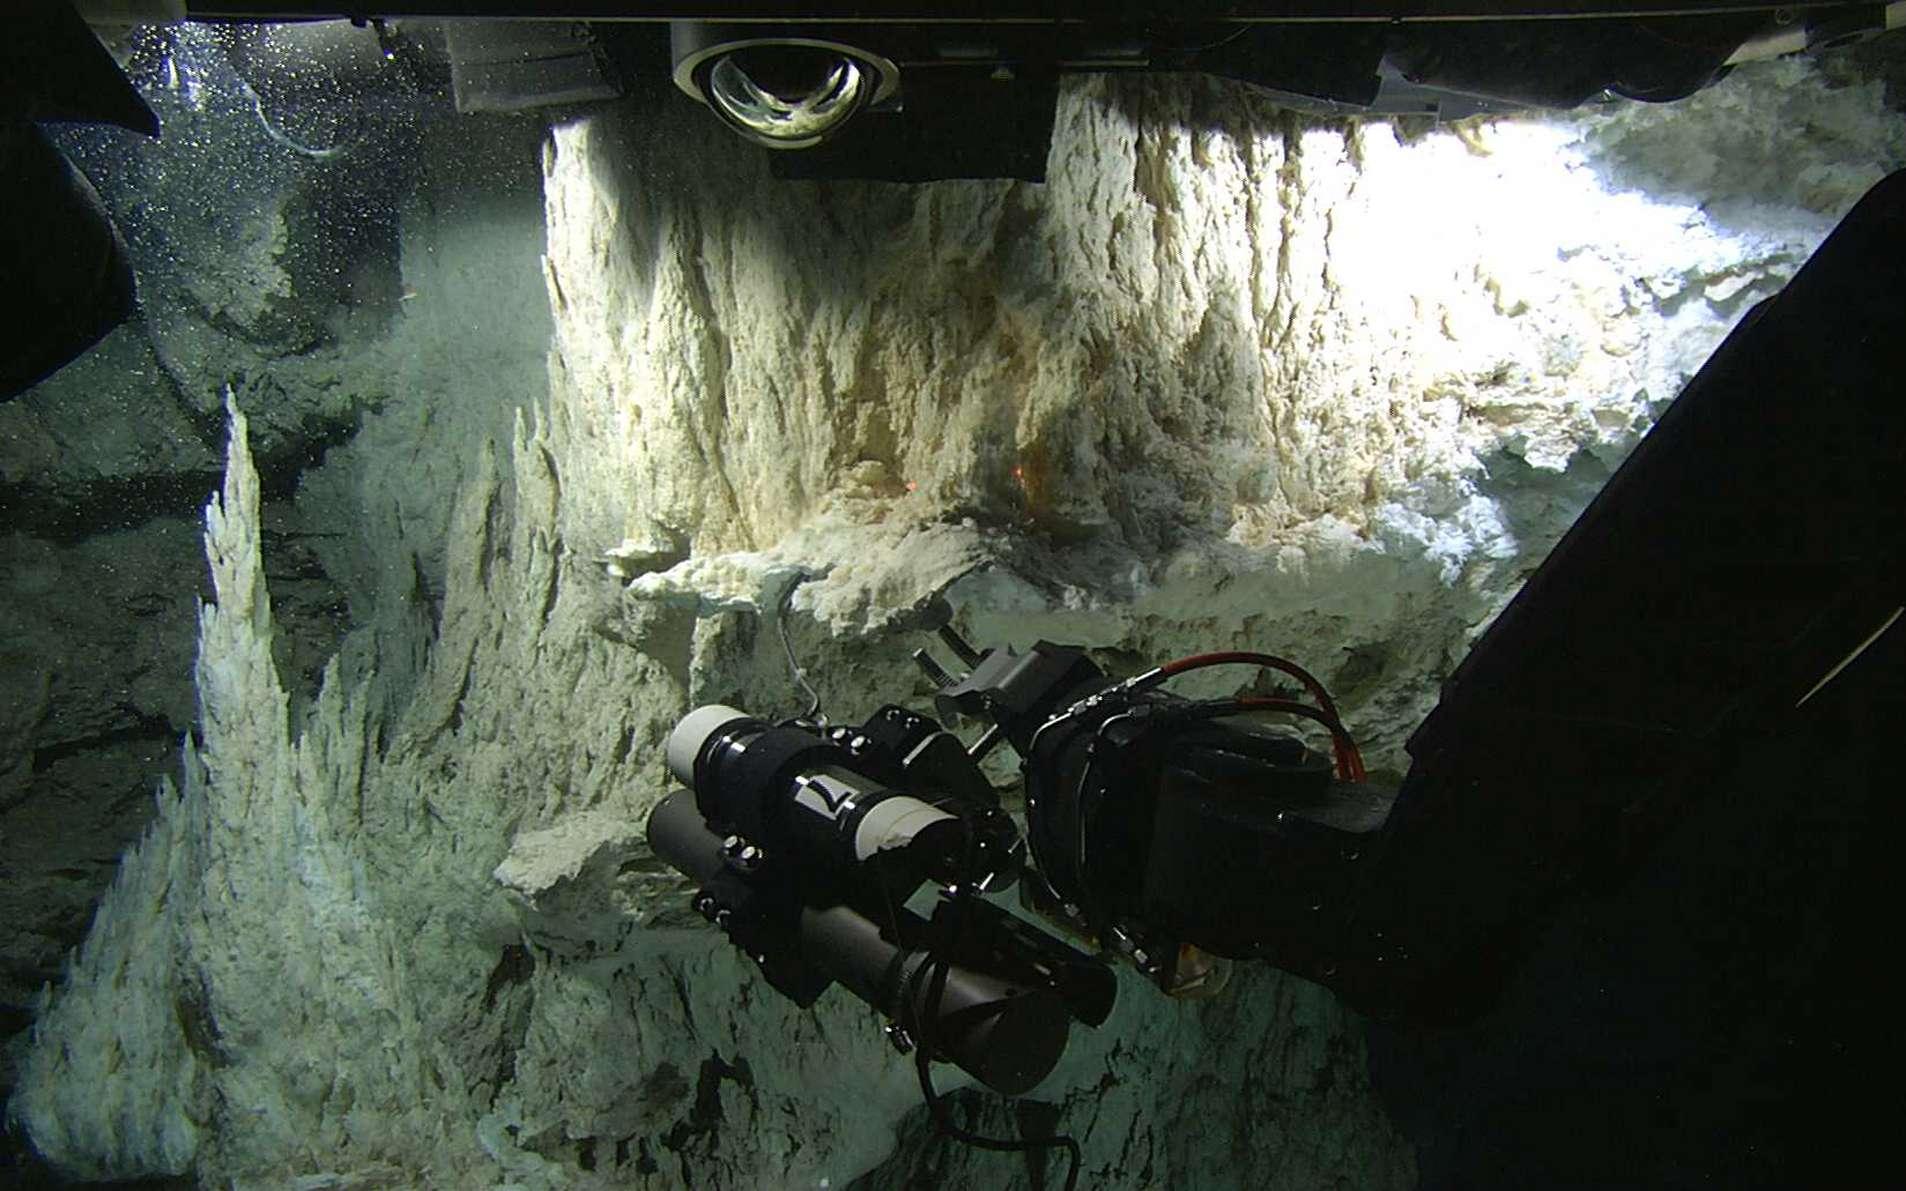 Le champ de cheminées hydrothermales découvert en décembre 2000 dans l'Atlantique nord. © Washington University